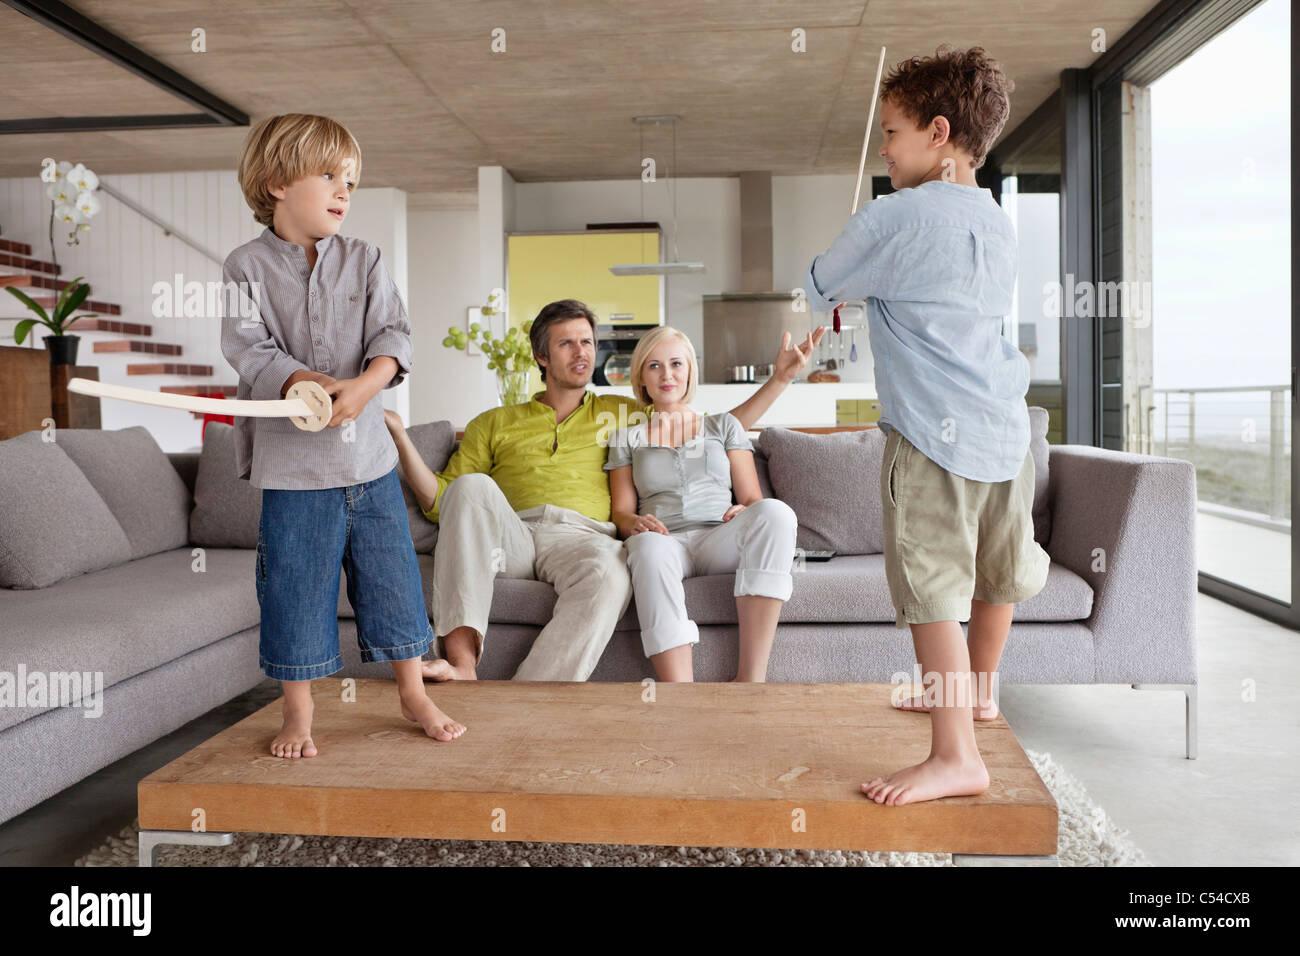 Garçons jouant avec leurs parents assis sur un canapé Banque D'Images